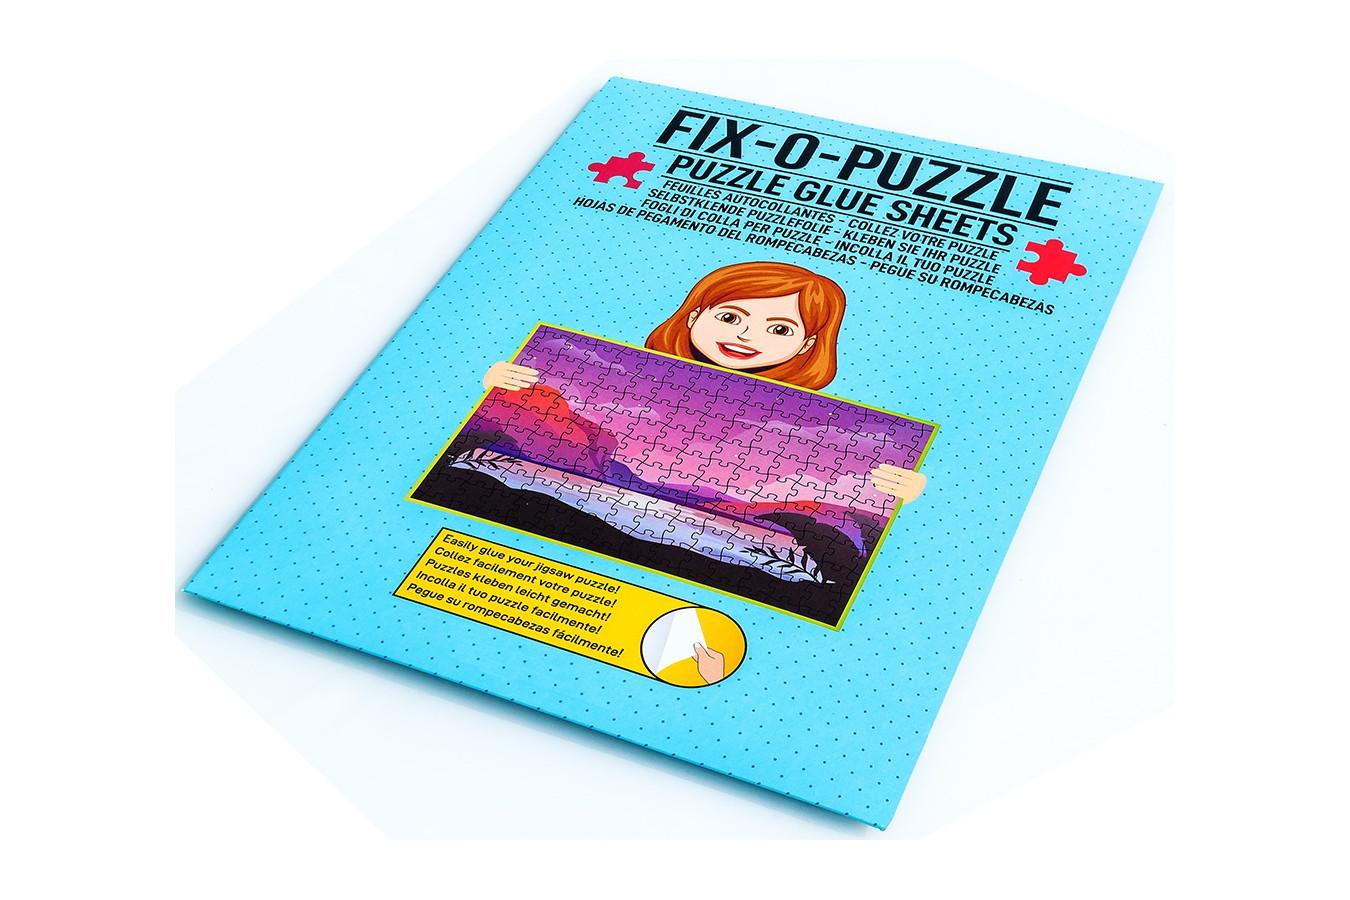 Folii pentru toate puzzle-urile de minim 500 piese comandate imagine